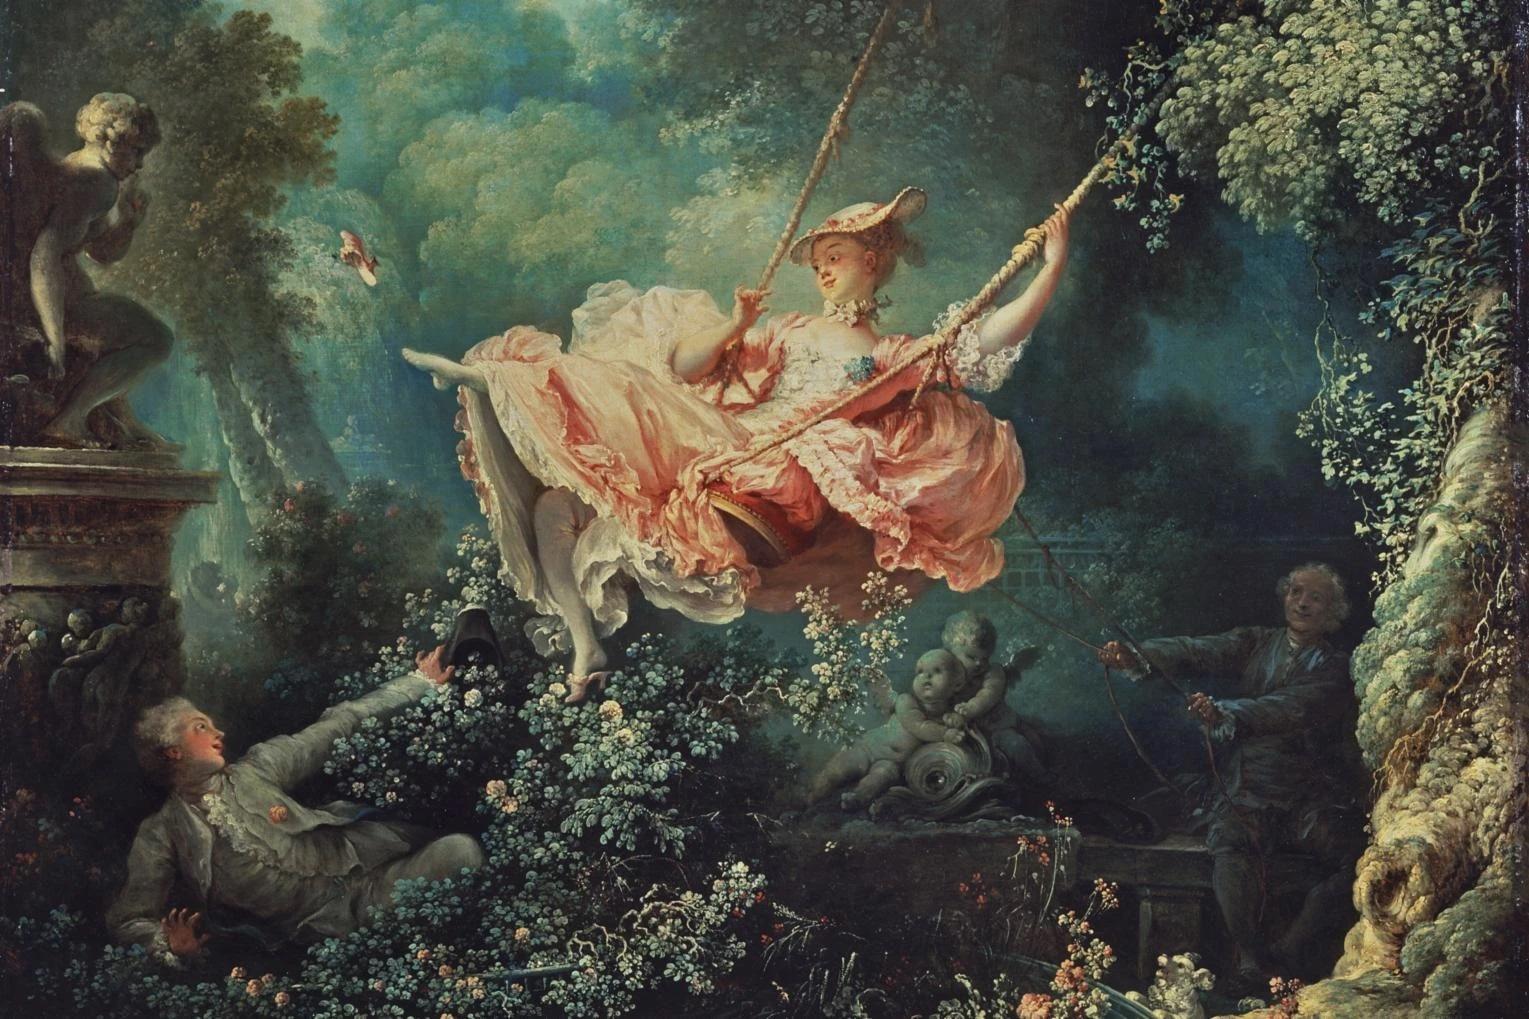 dünyanın en ünlü tabloları listelist The Swing Salıncak Jean Honore Fragonard